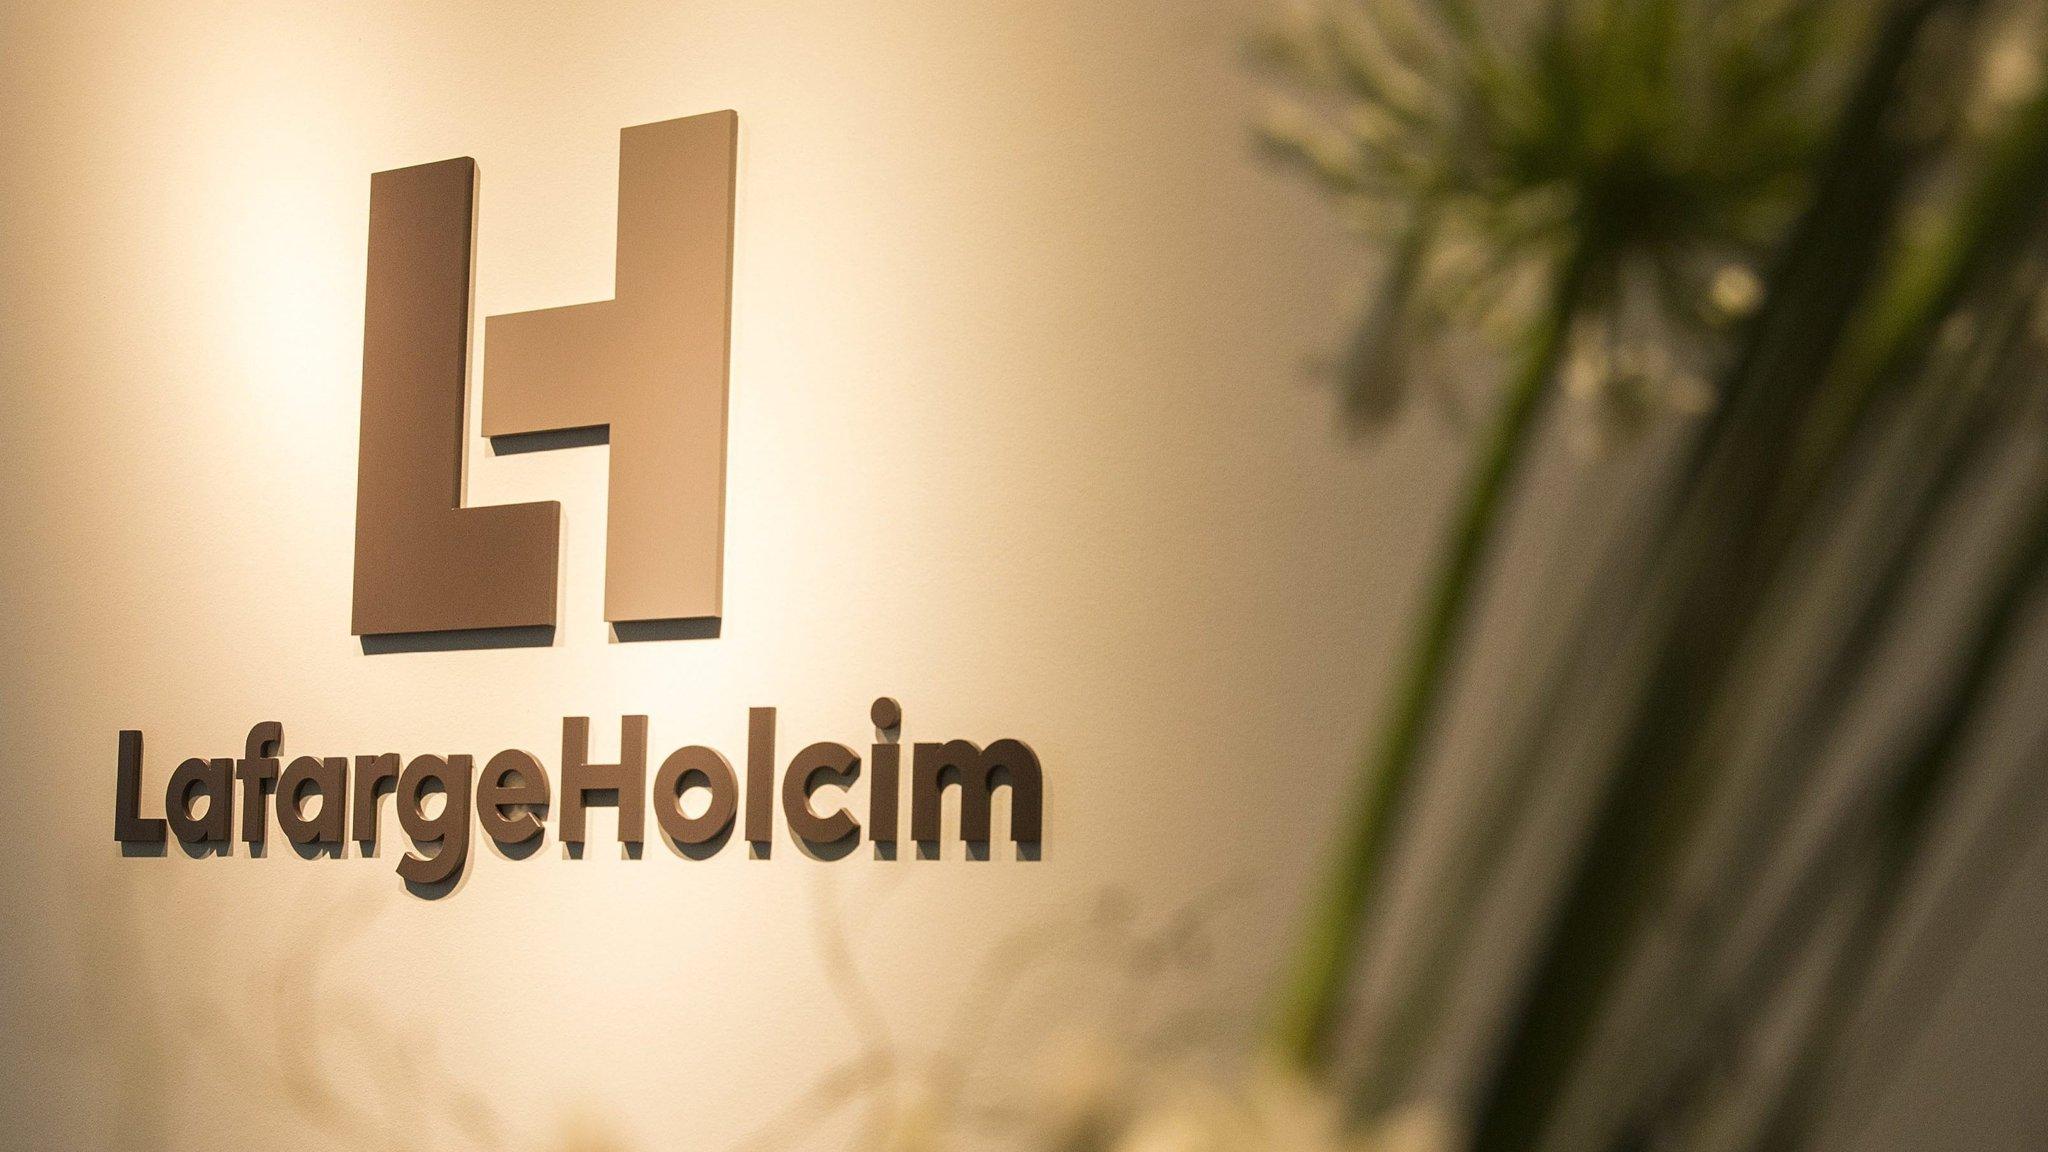 LafargeHolcim Maroc affiche des bénéfices en hausse au premier semestre 2019